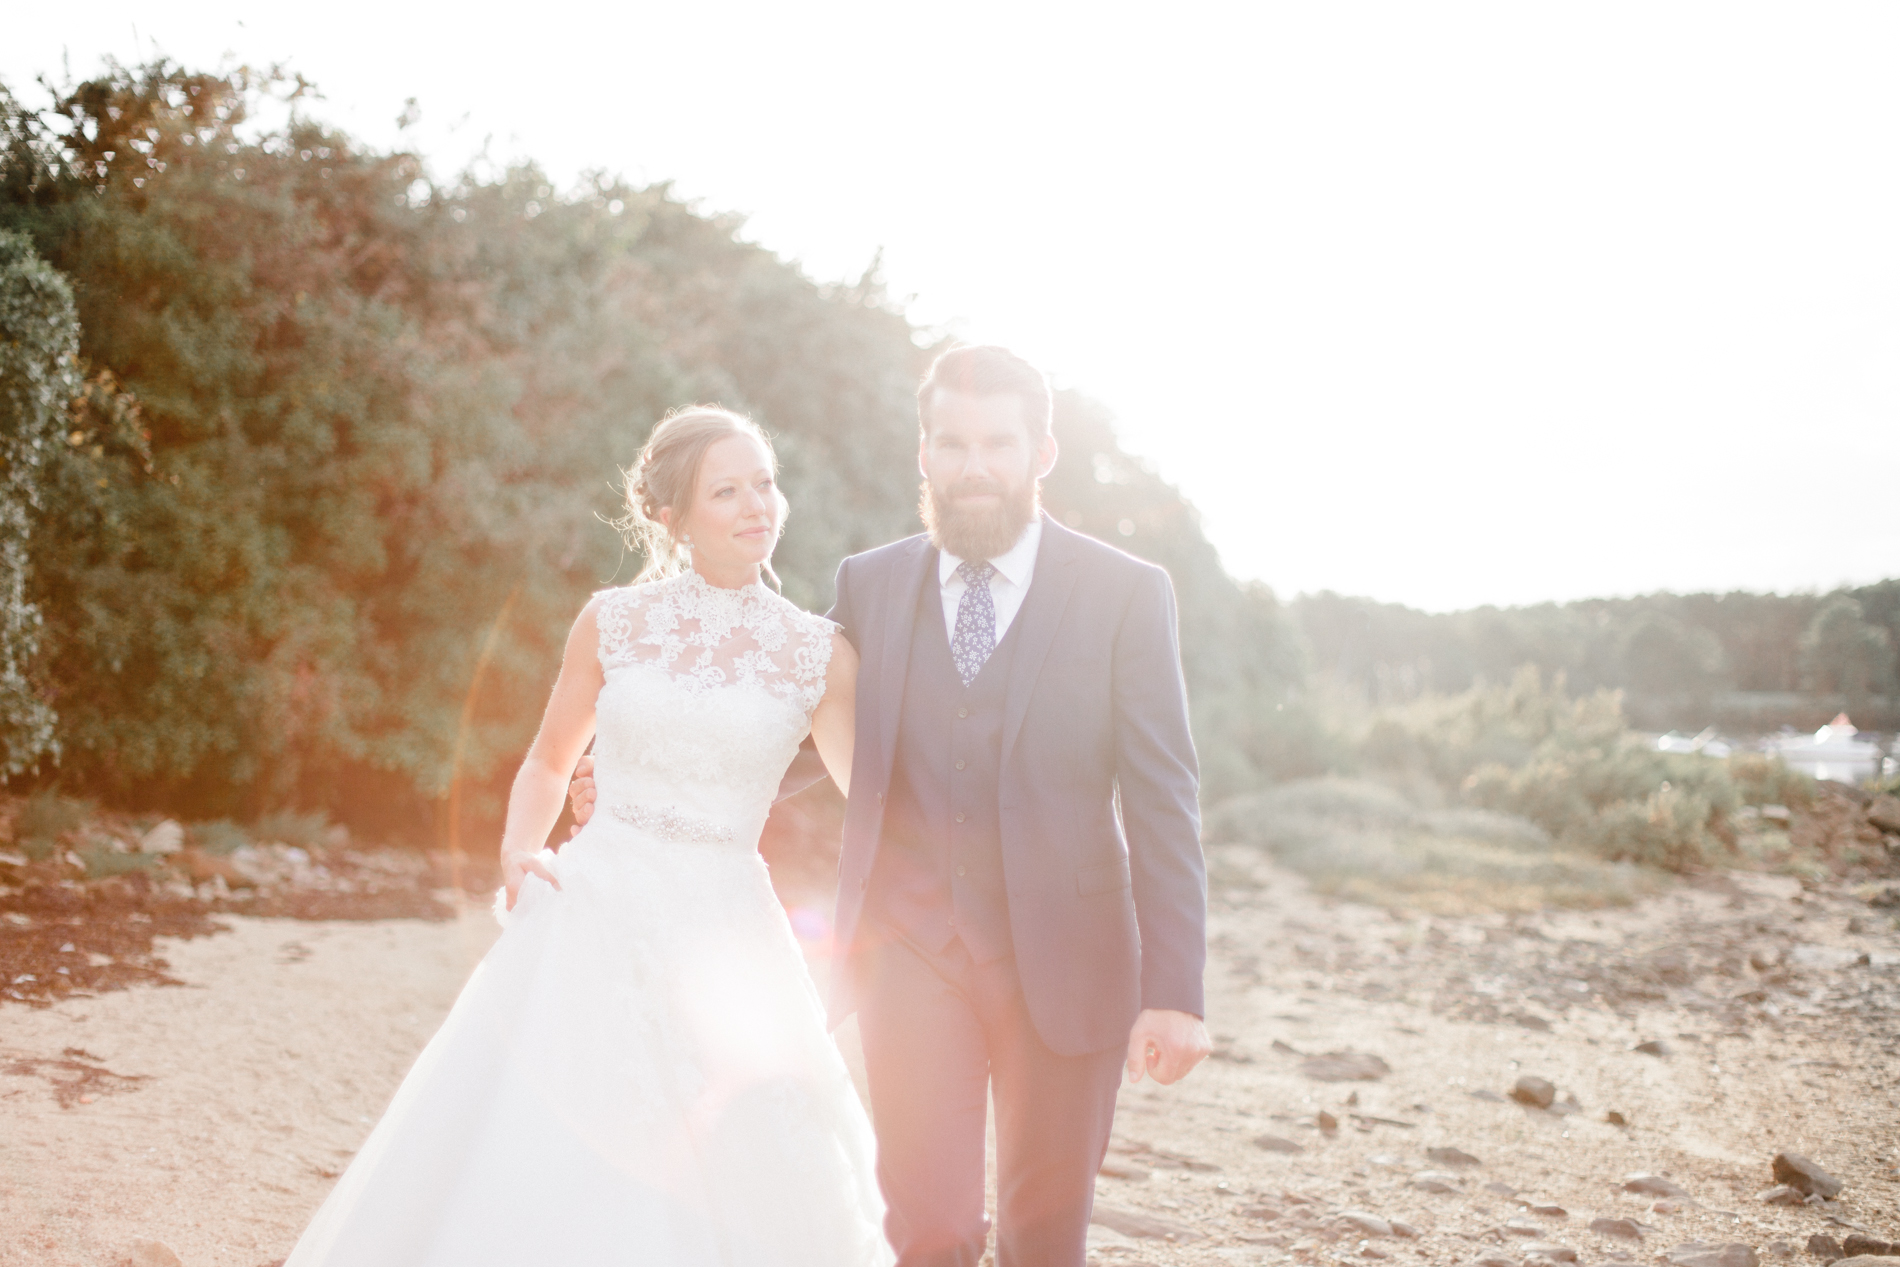 photographe-mariage-bretagne-maria-thomas-82